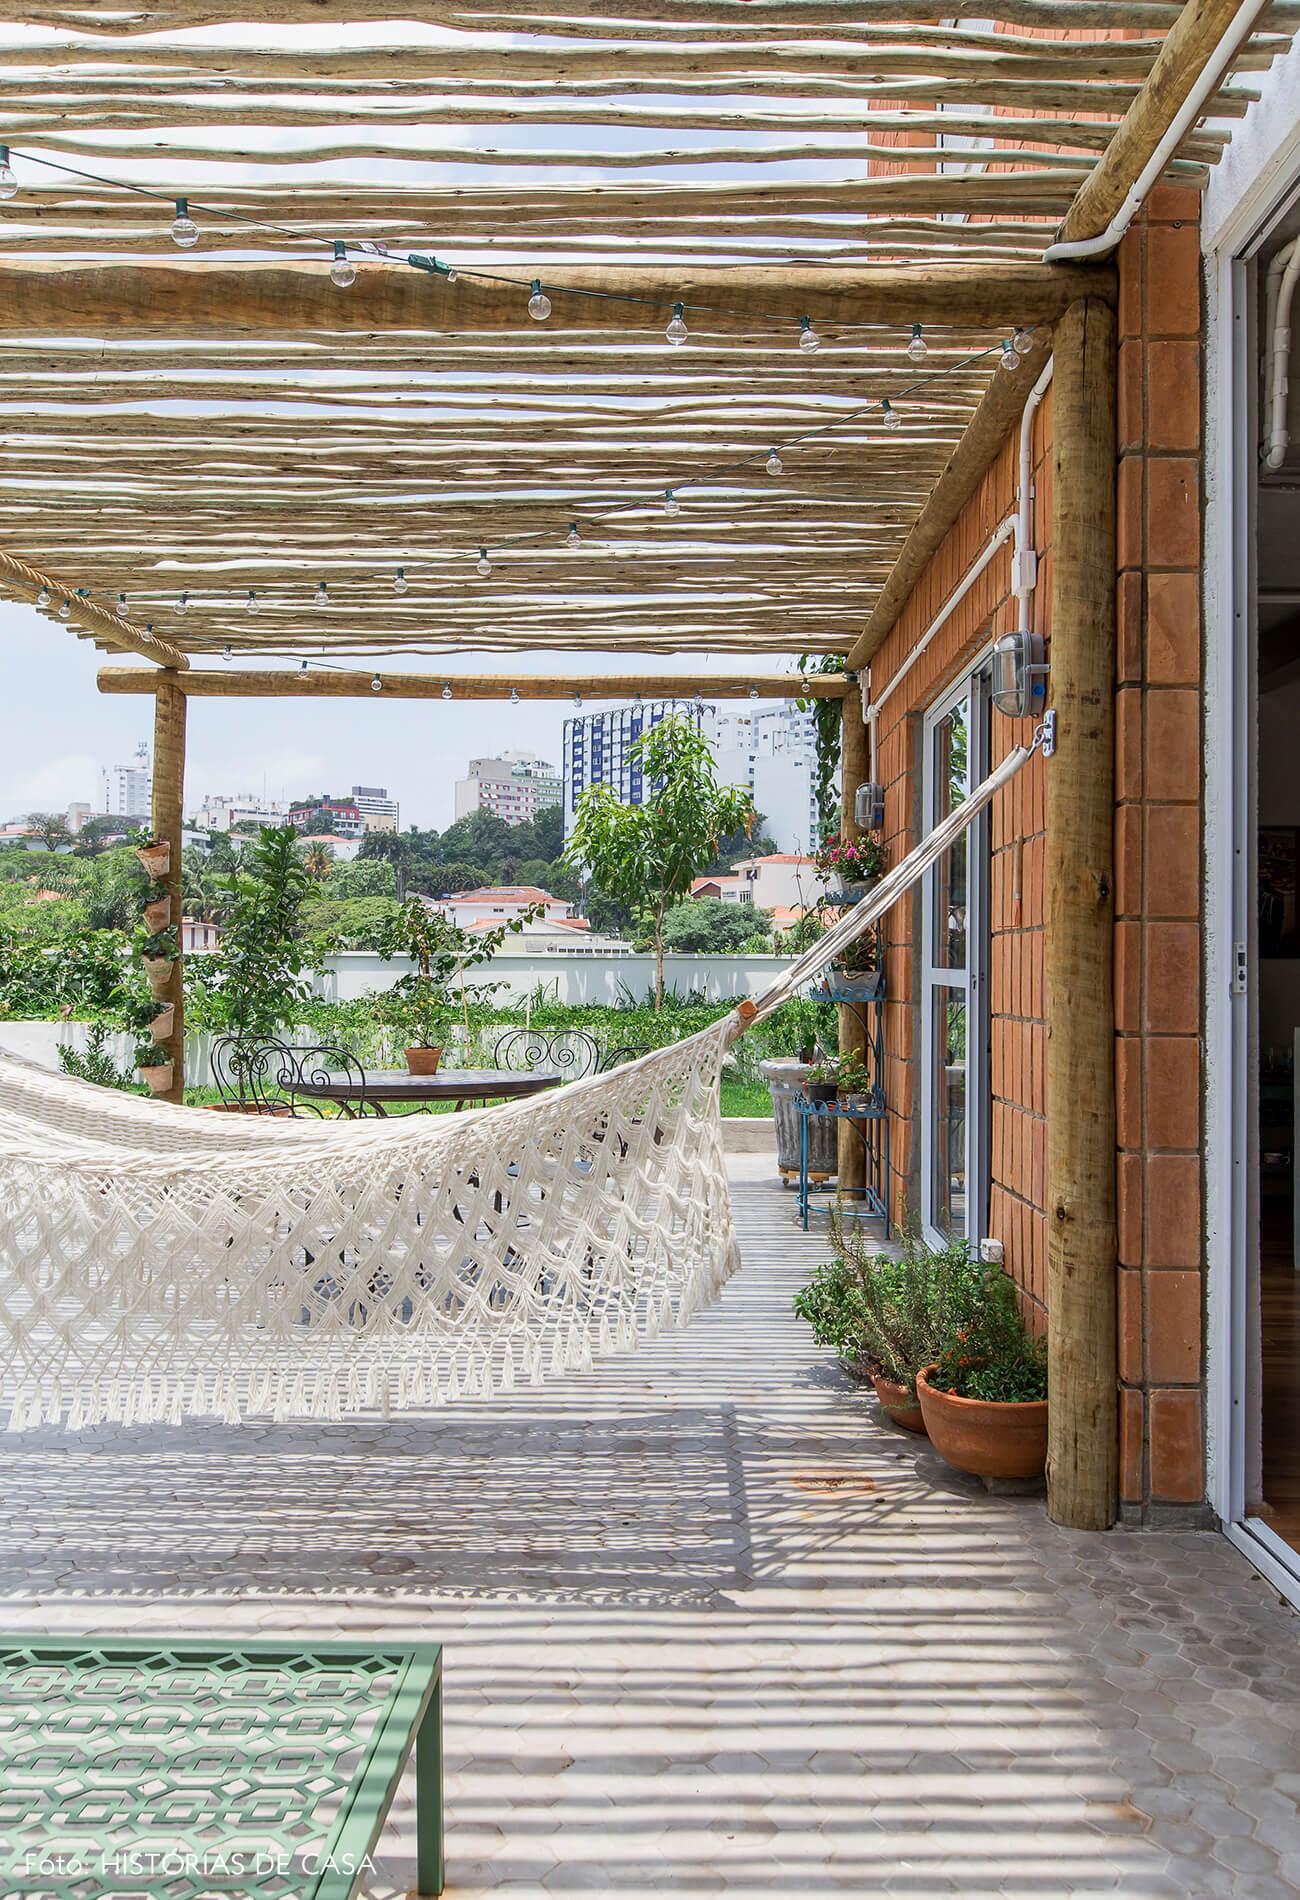 Apartamento térreo com jardim, rede de balanço e pergolado